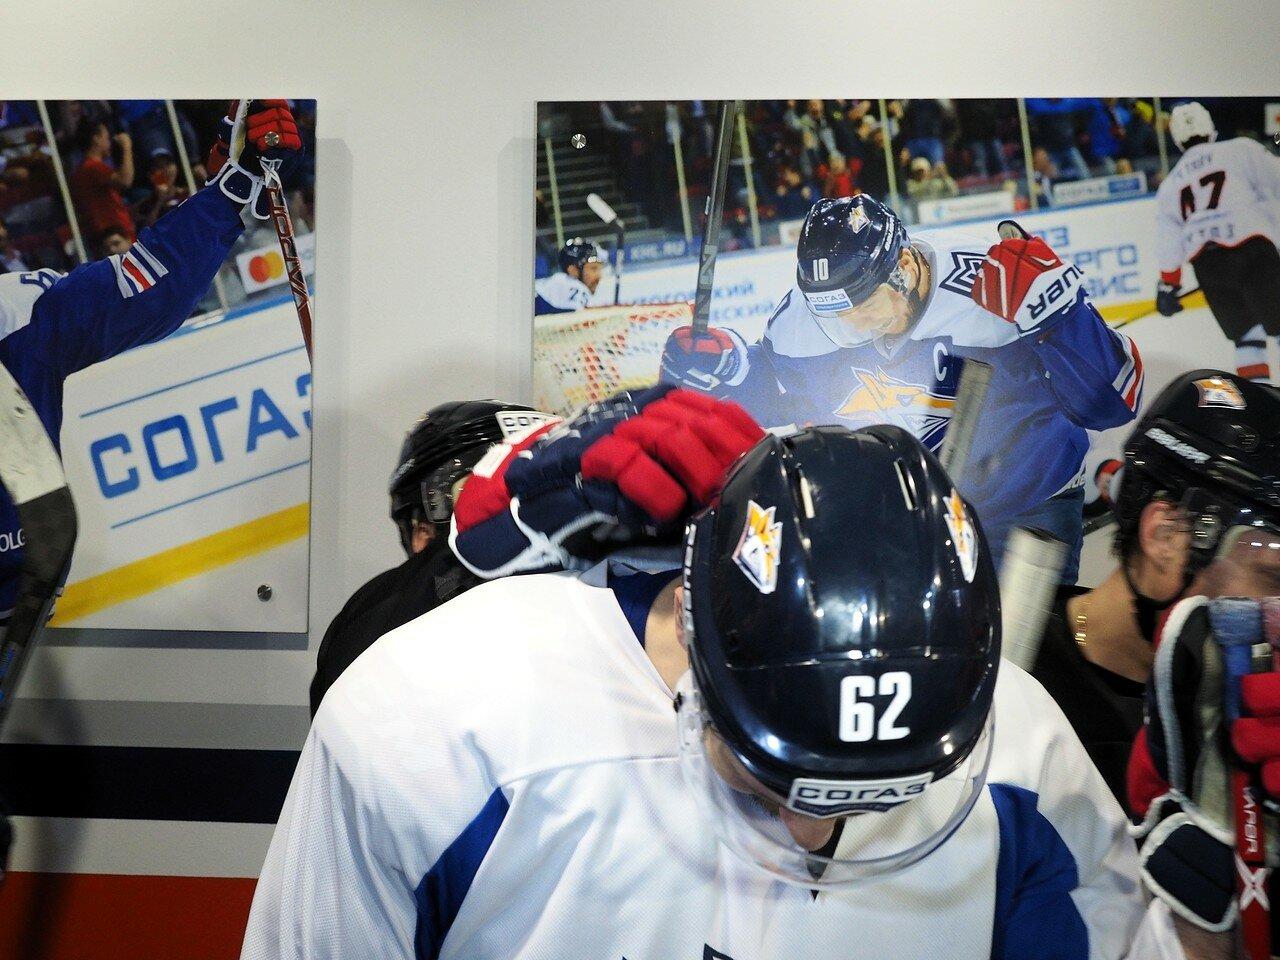 36 Открытая тренировка перед финалом плей-офф КХЛ 2017 06.04.2017